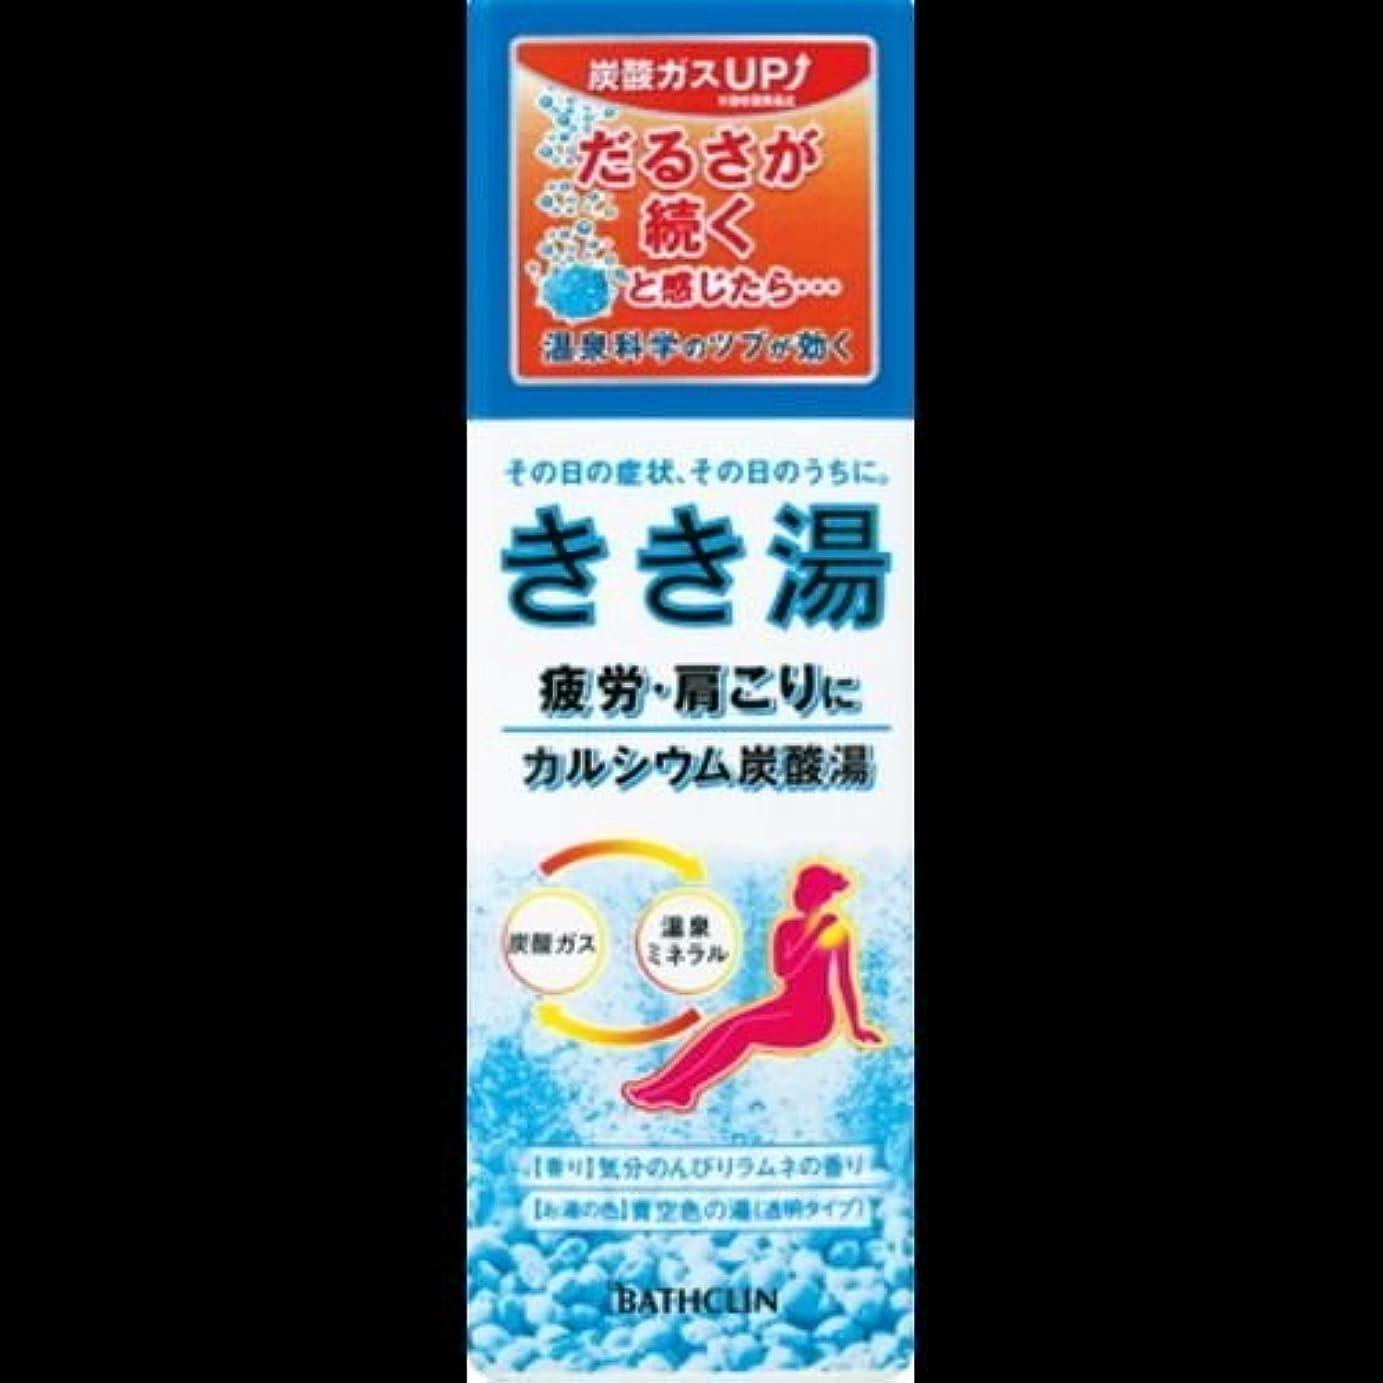 仮称必要ないプラグ【まとめ買い】きき湯 カルシウム炭酸湯 気分のんびりラムネの香り 青空色の湯(透明タイプ) 360g ×2セット